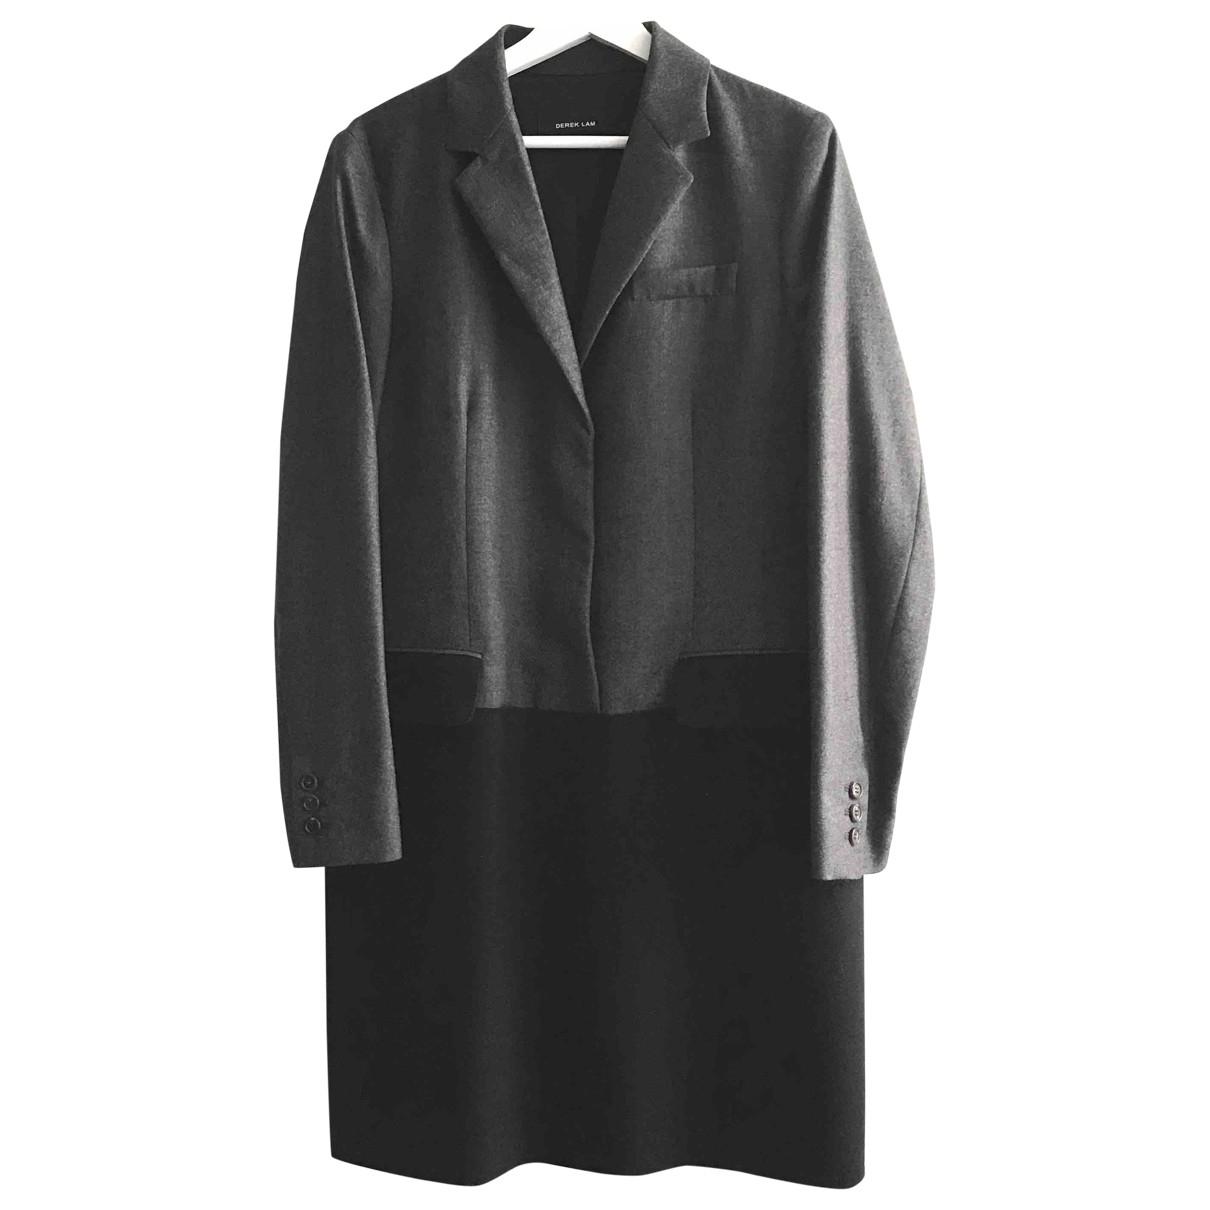 Derek Lam \N Kleid in  Grau Wolle